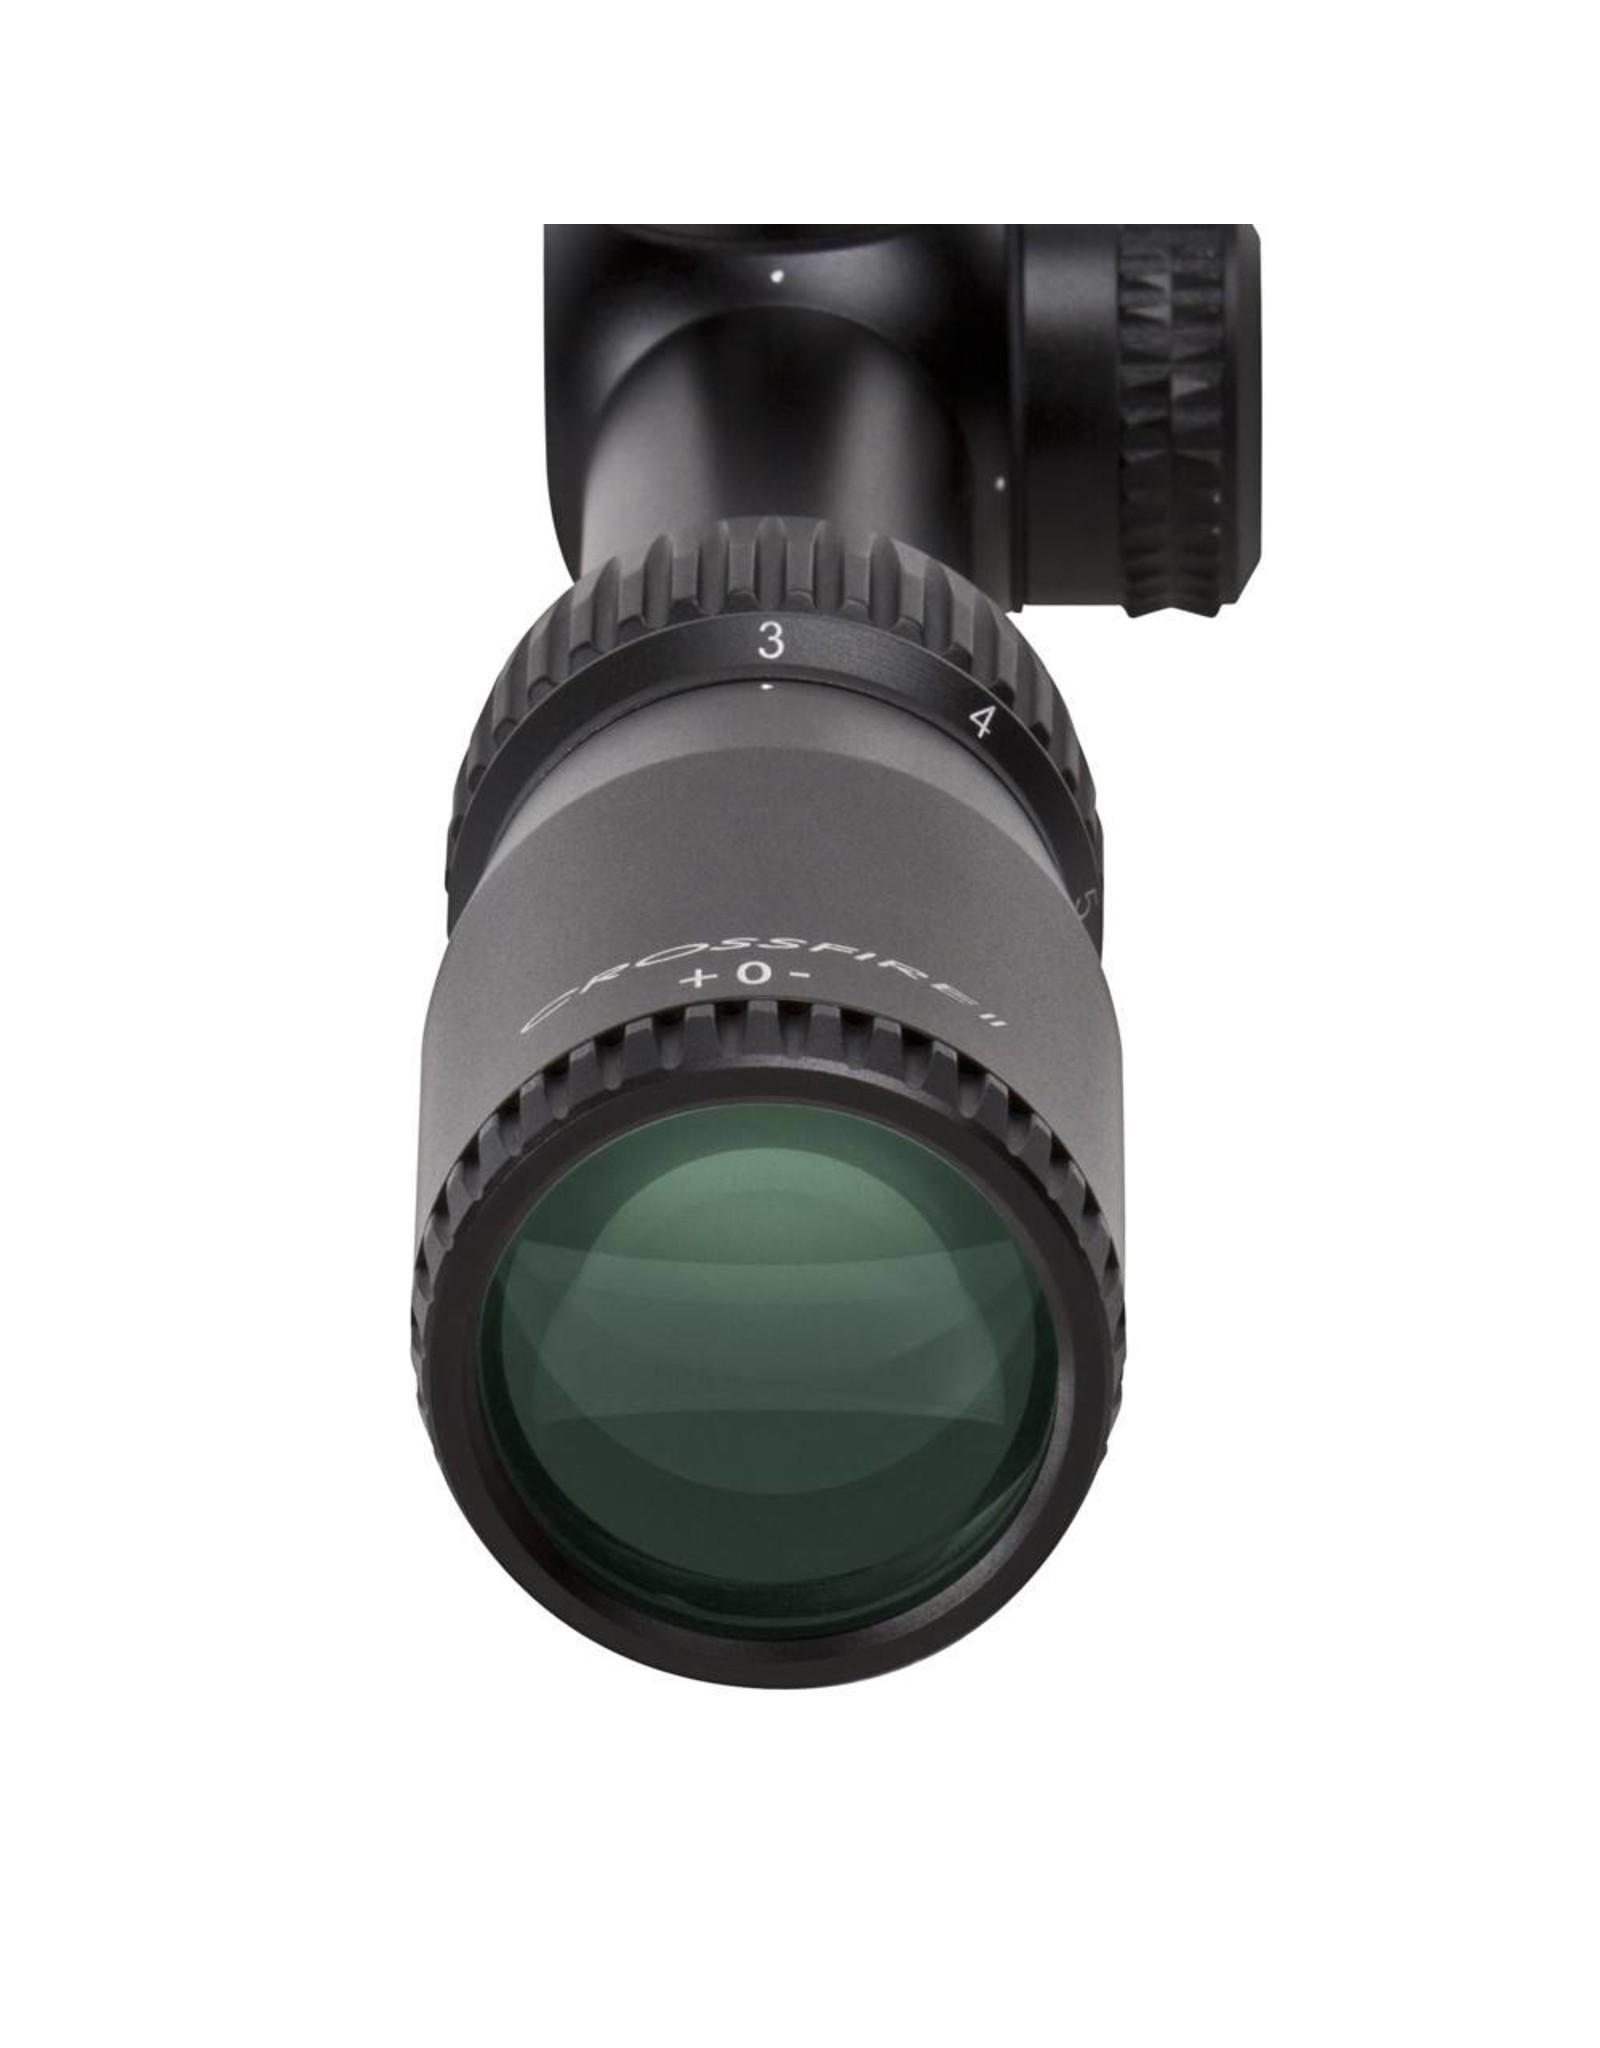 Vortex Vortex Crossfire II 3-9x40 Riflescope (1-Inch) V-Plex